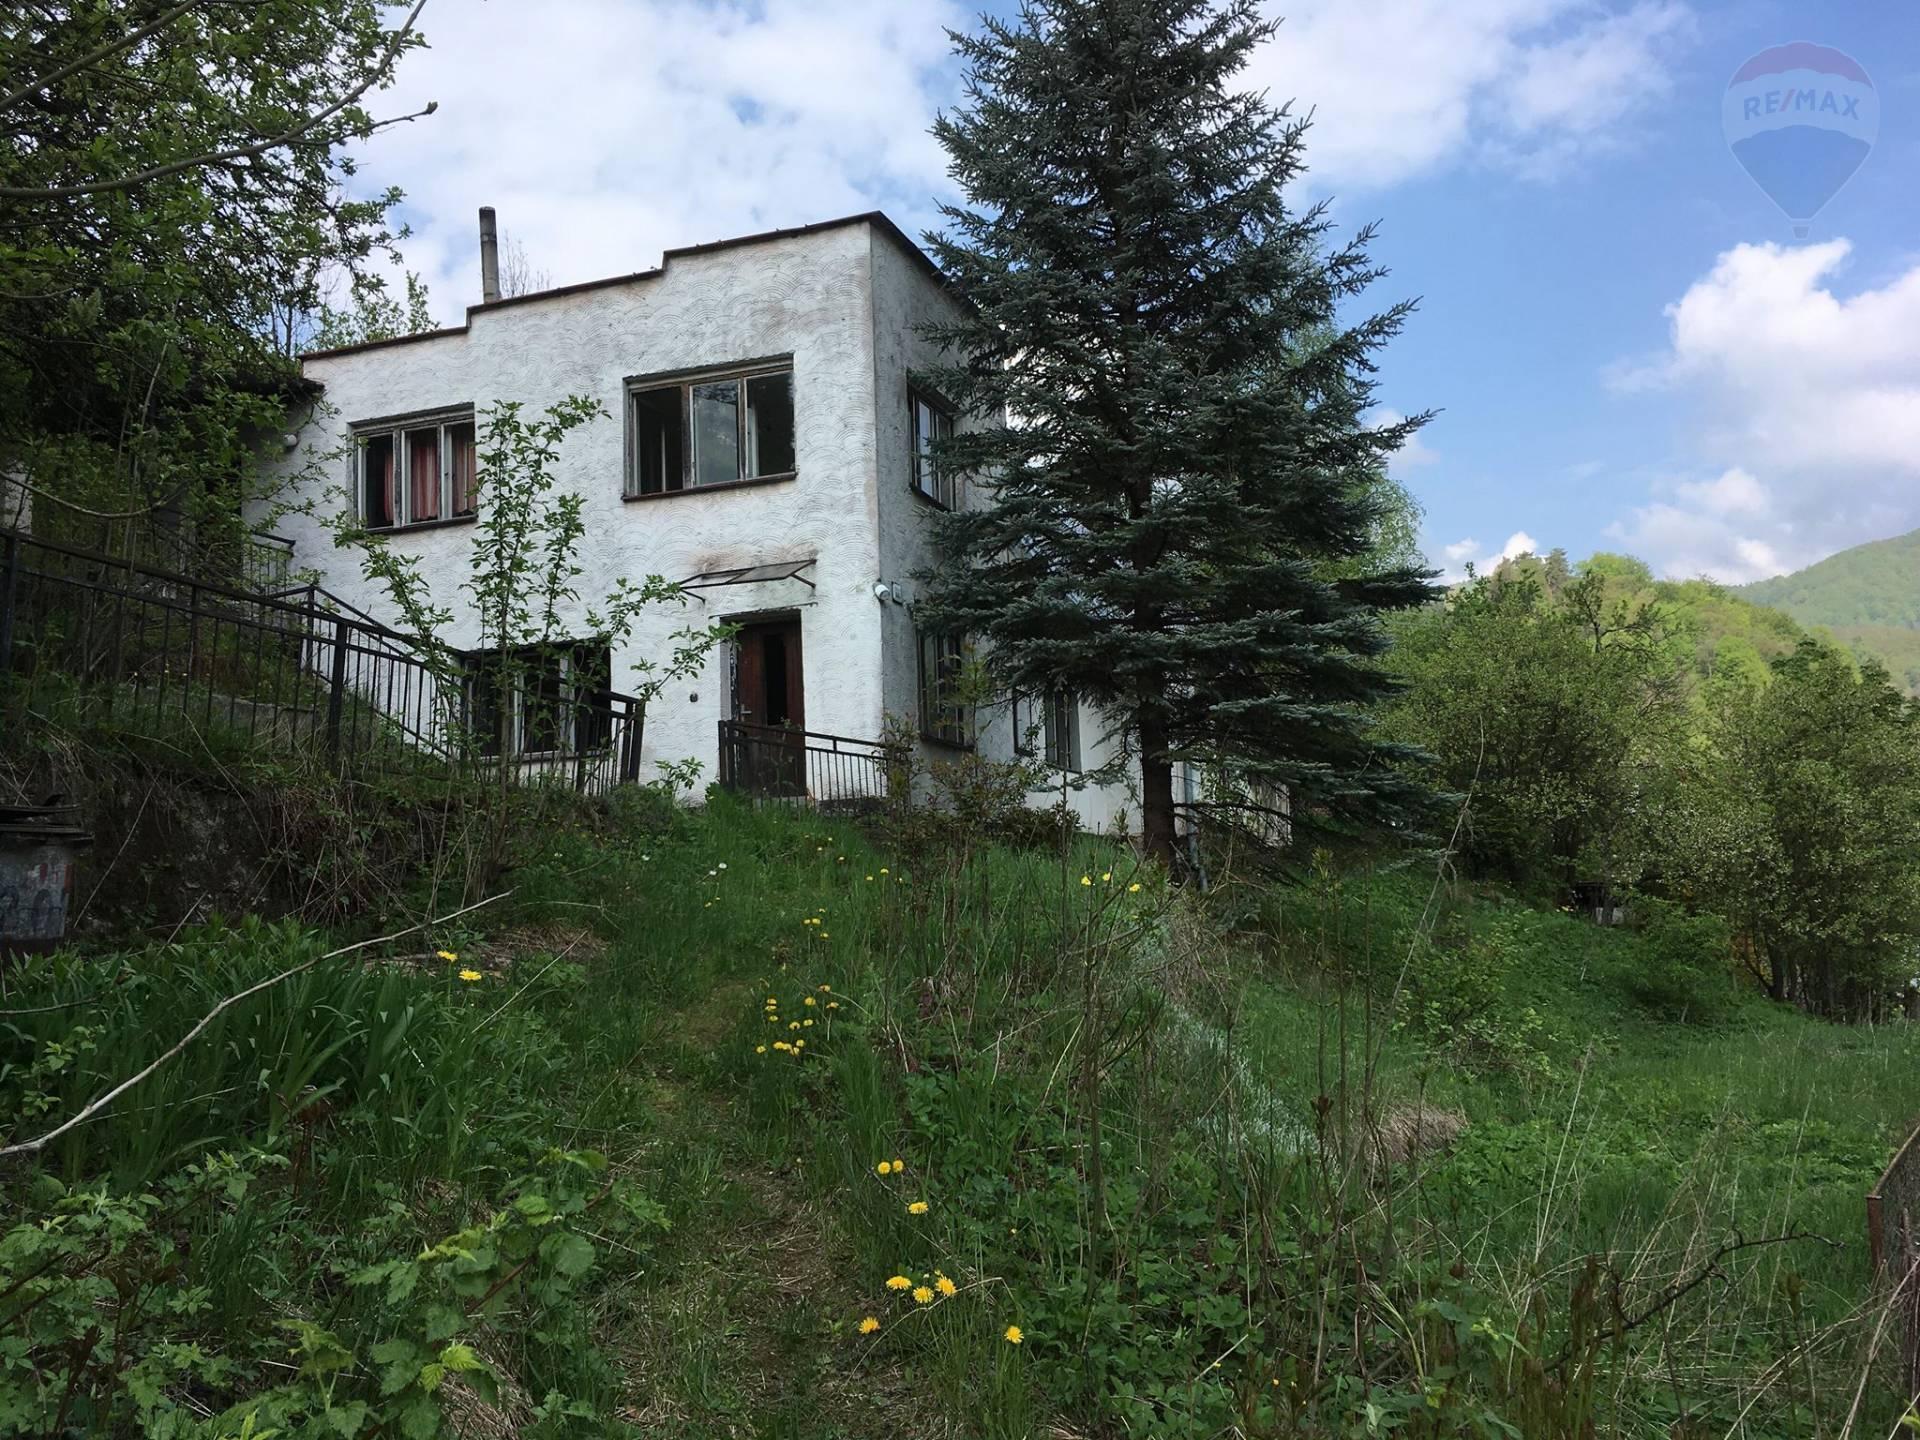 Ponúkame na predaj rodinný dom na pozemku o výmere 3968 m2 v obci Riečka